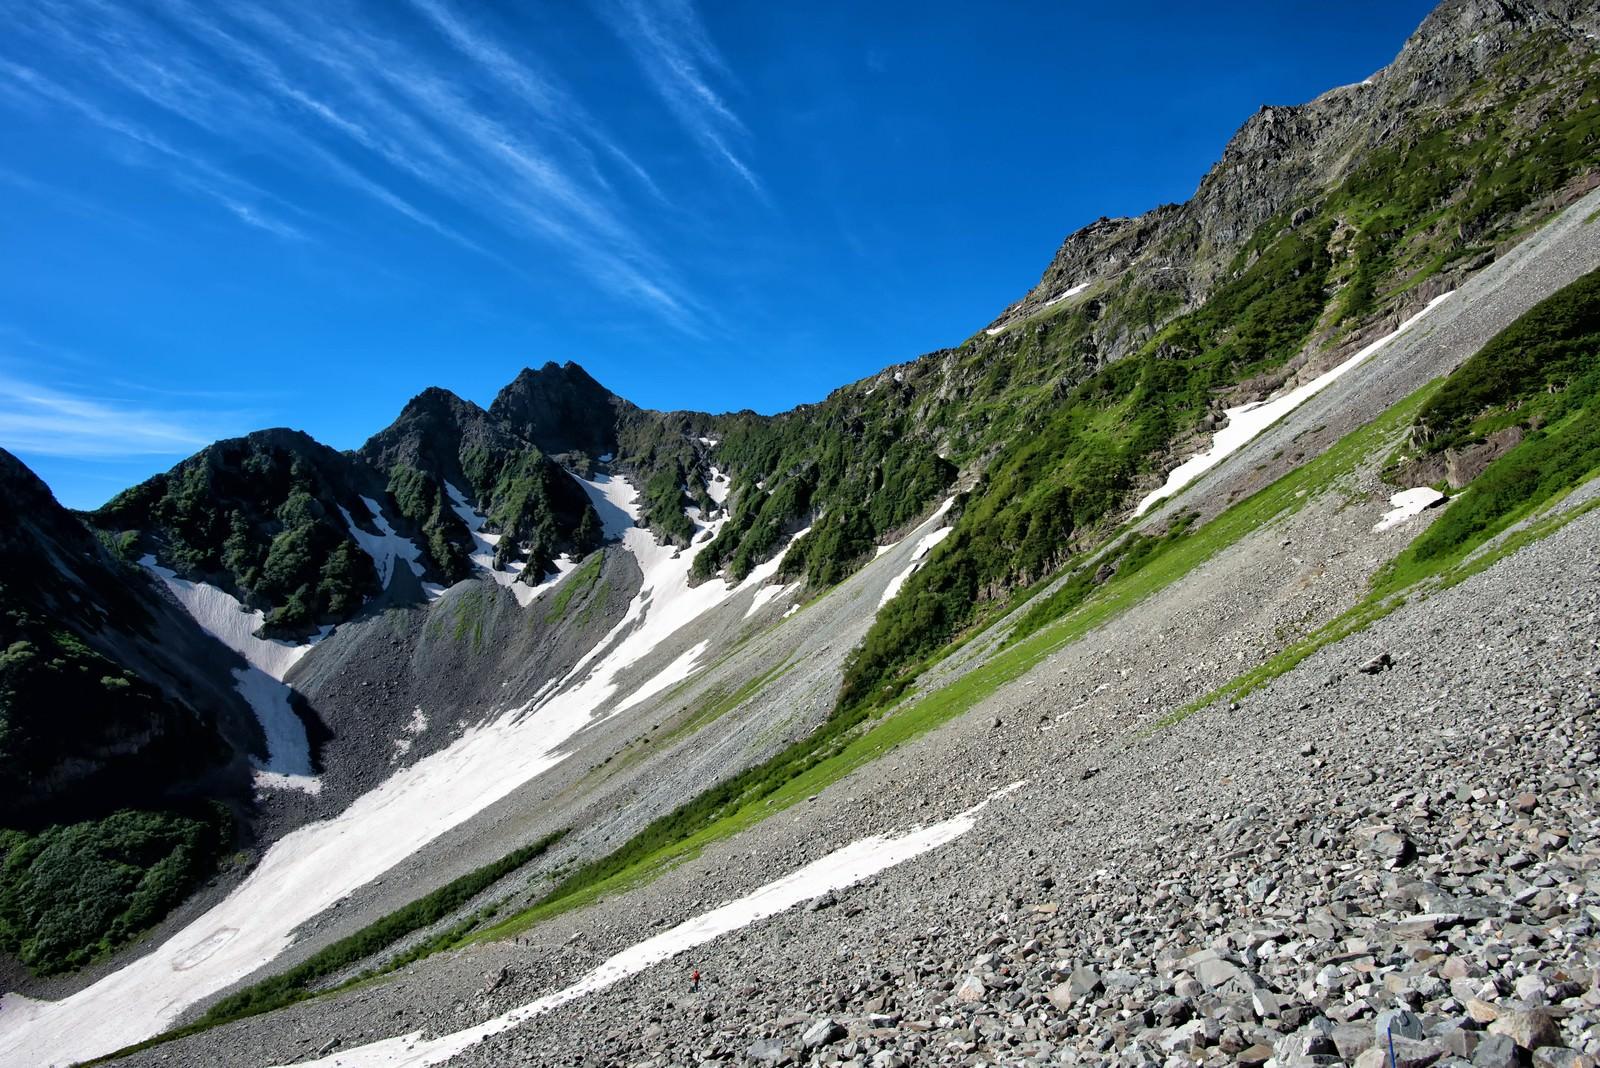 「涸沢の斜面に続く青い空 | 写真の無料素材・フリー素材 - ぱくたそ」の写真